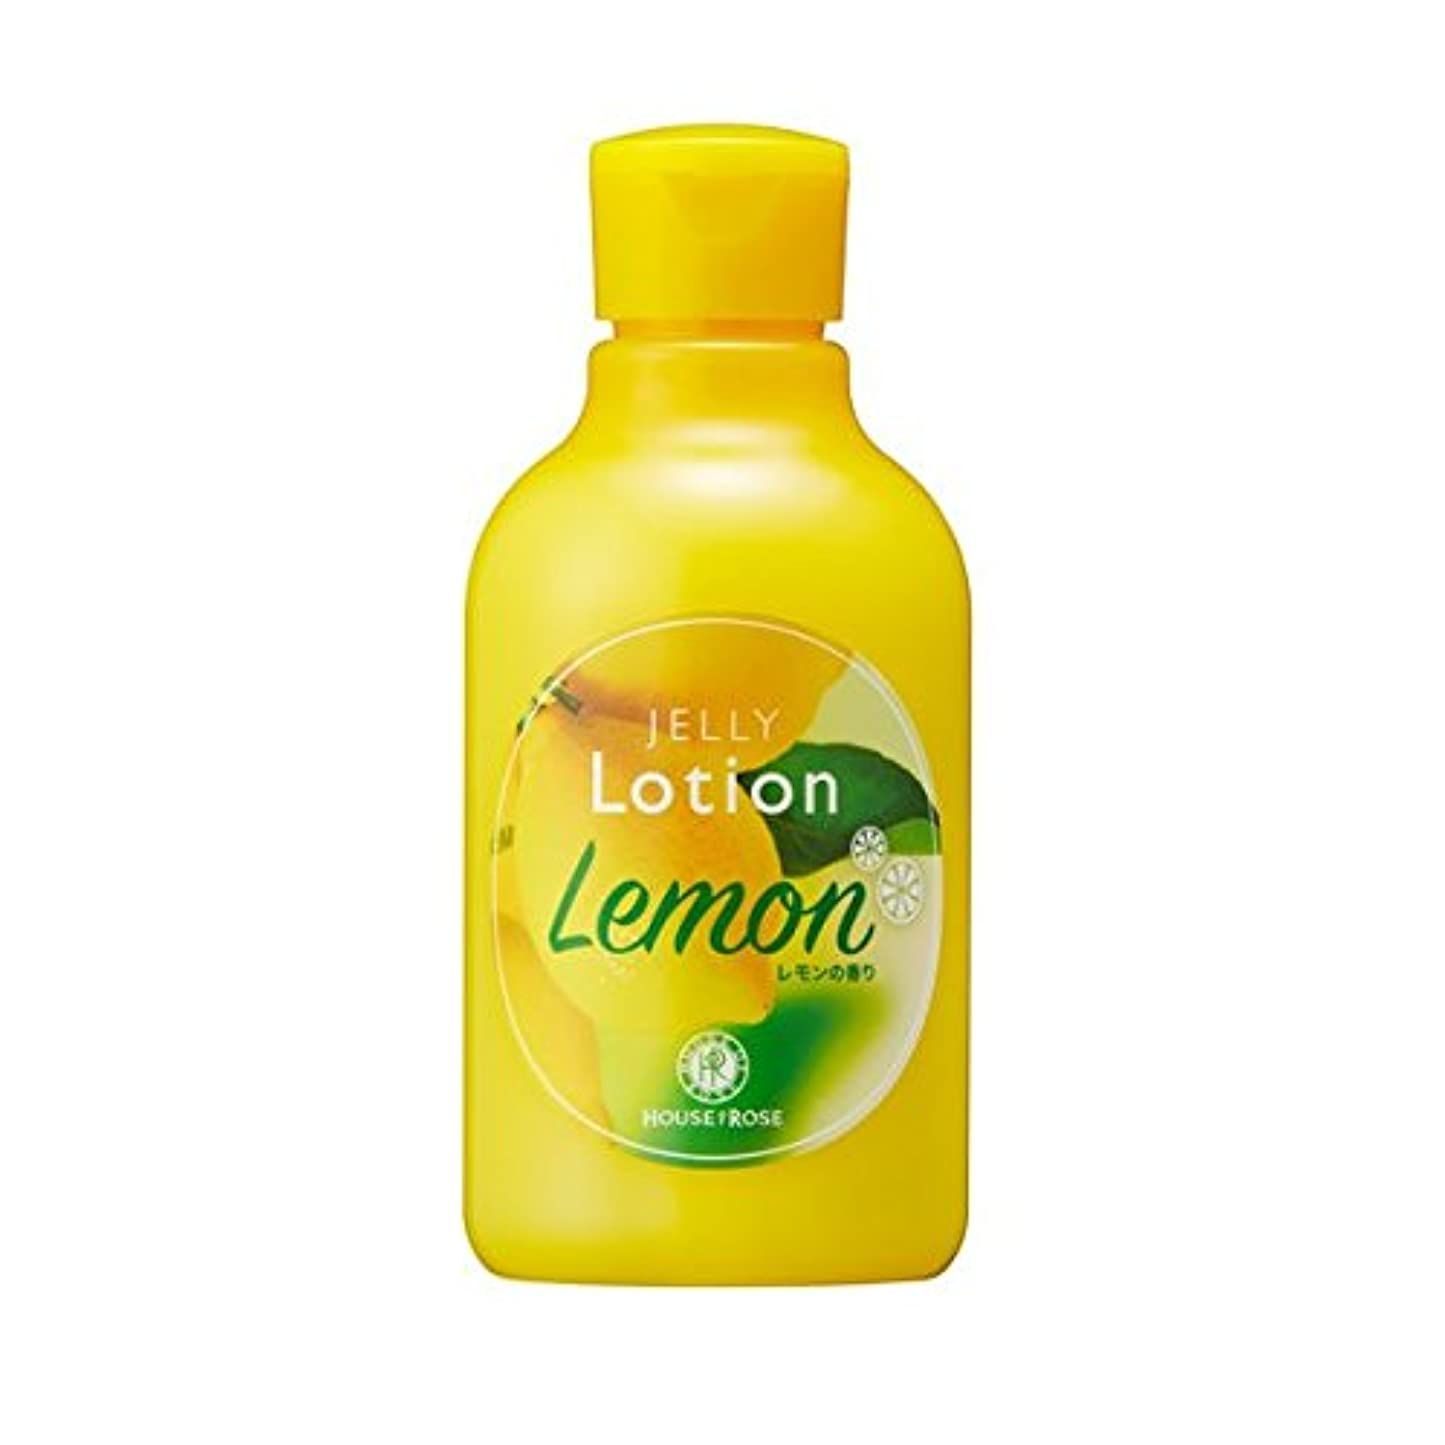 味わうコースガイダンスHOUSE OF ROSE(ハウスオブローゼ) ハウスオブローゼ/ジェリーローション LM(レモンの香り)200mL